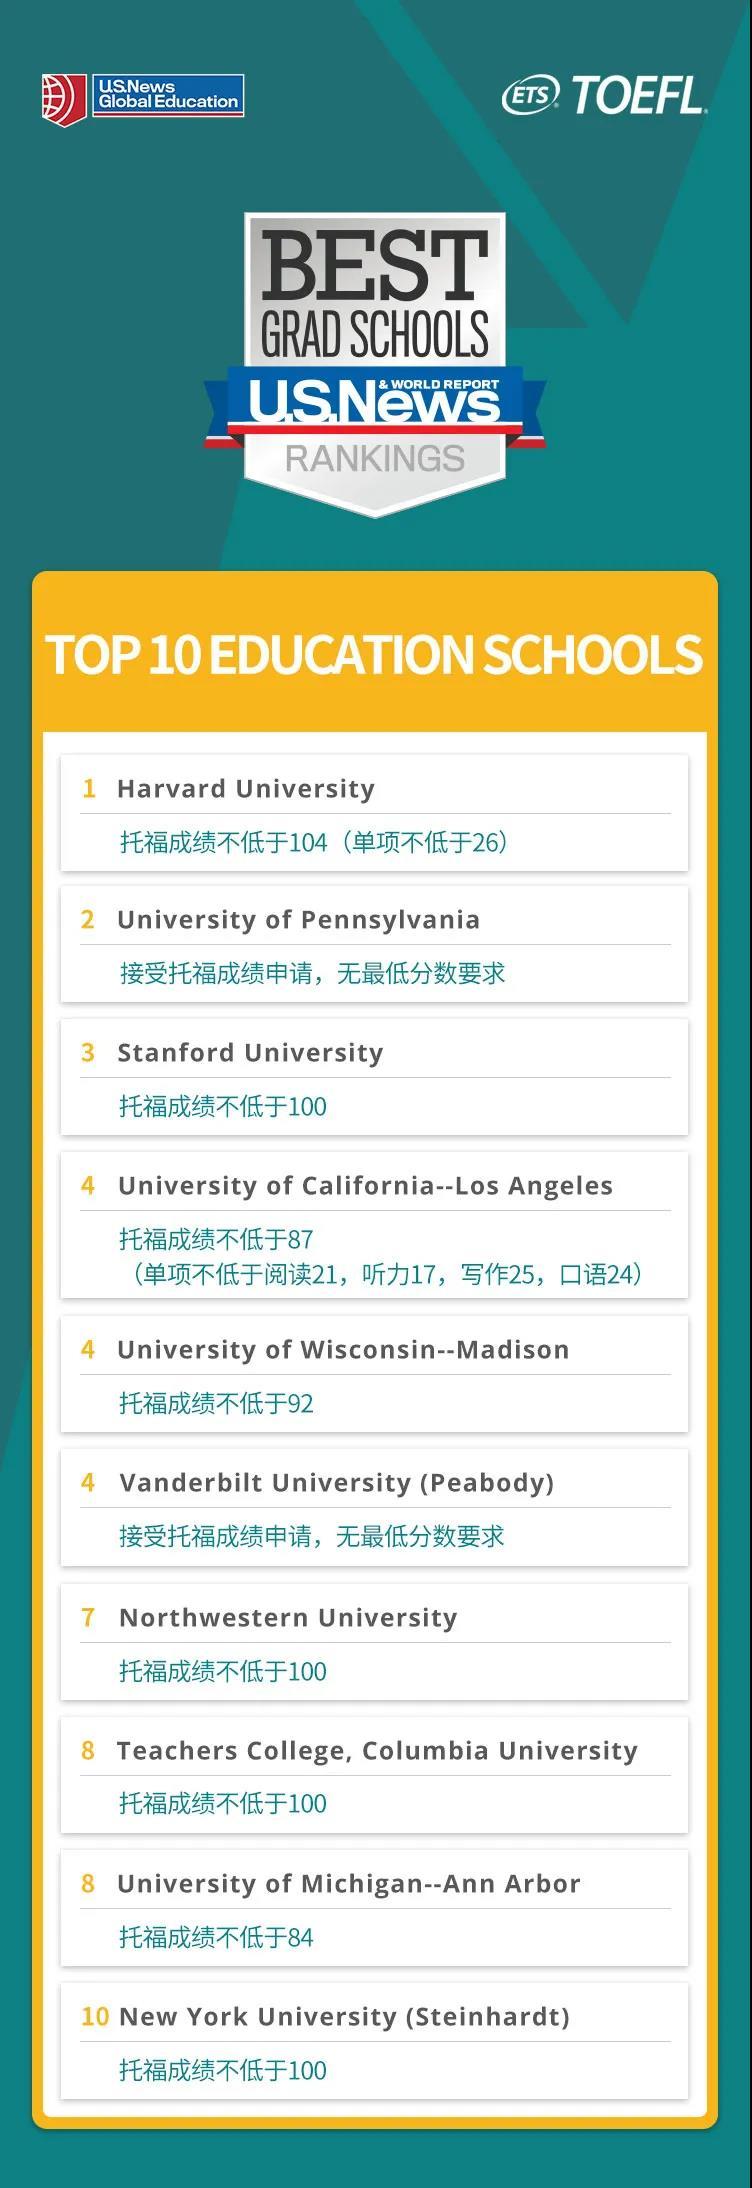 美国教育学院TOP10及申请托福成绩要求